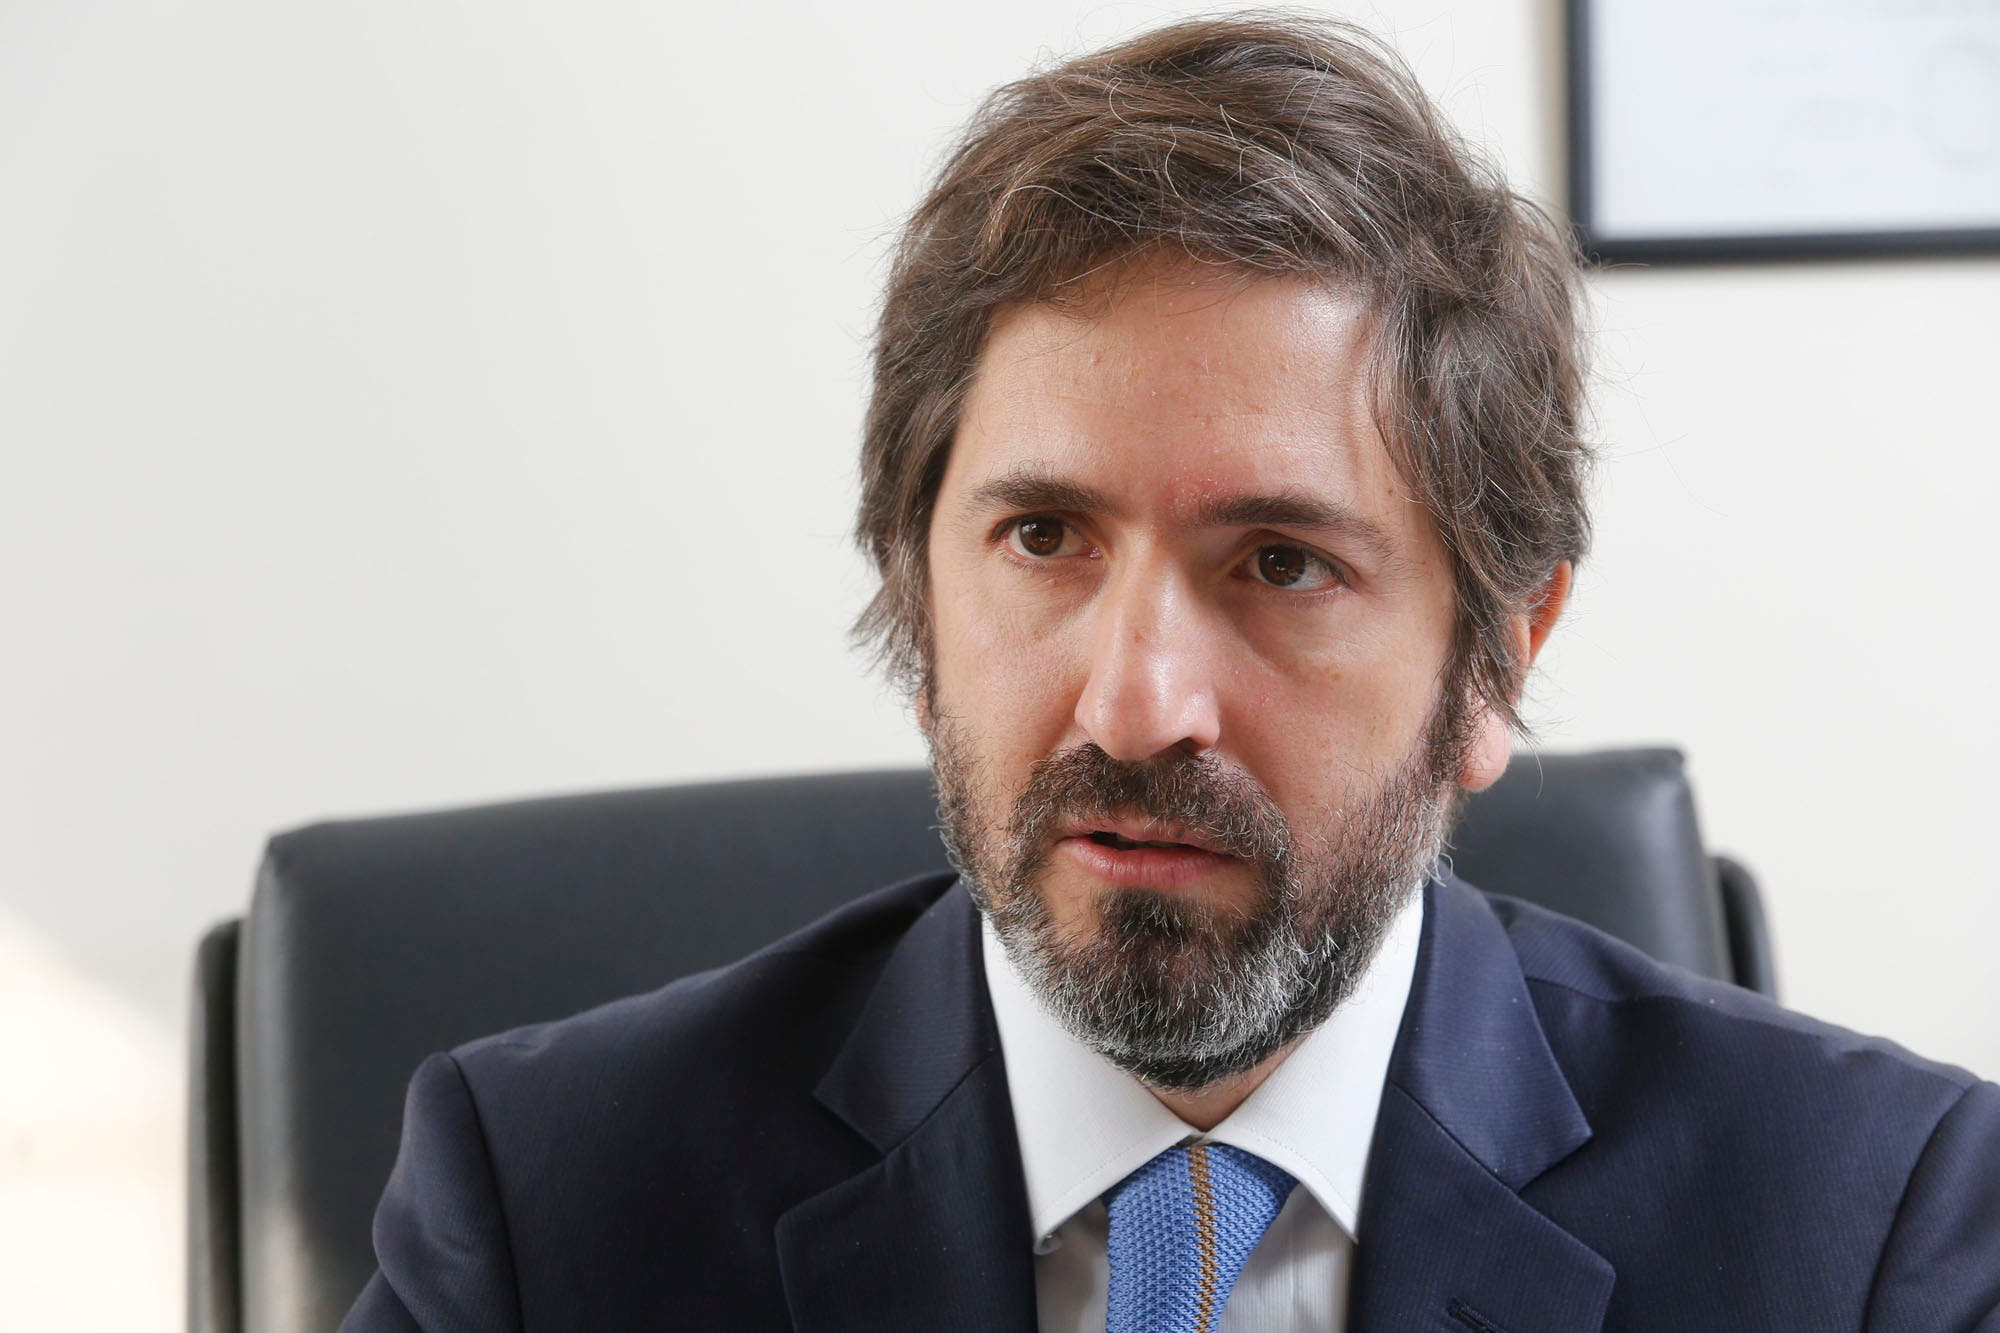 El juez Sebastián Casanello citó a indagatoria al exfuncionario macrista Santiago Bausili